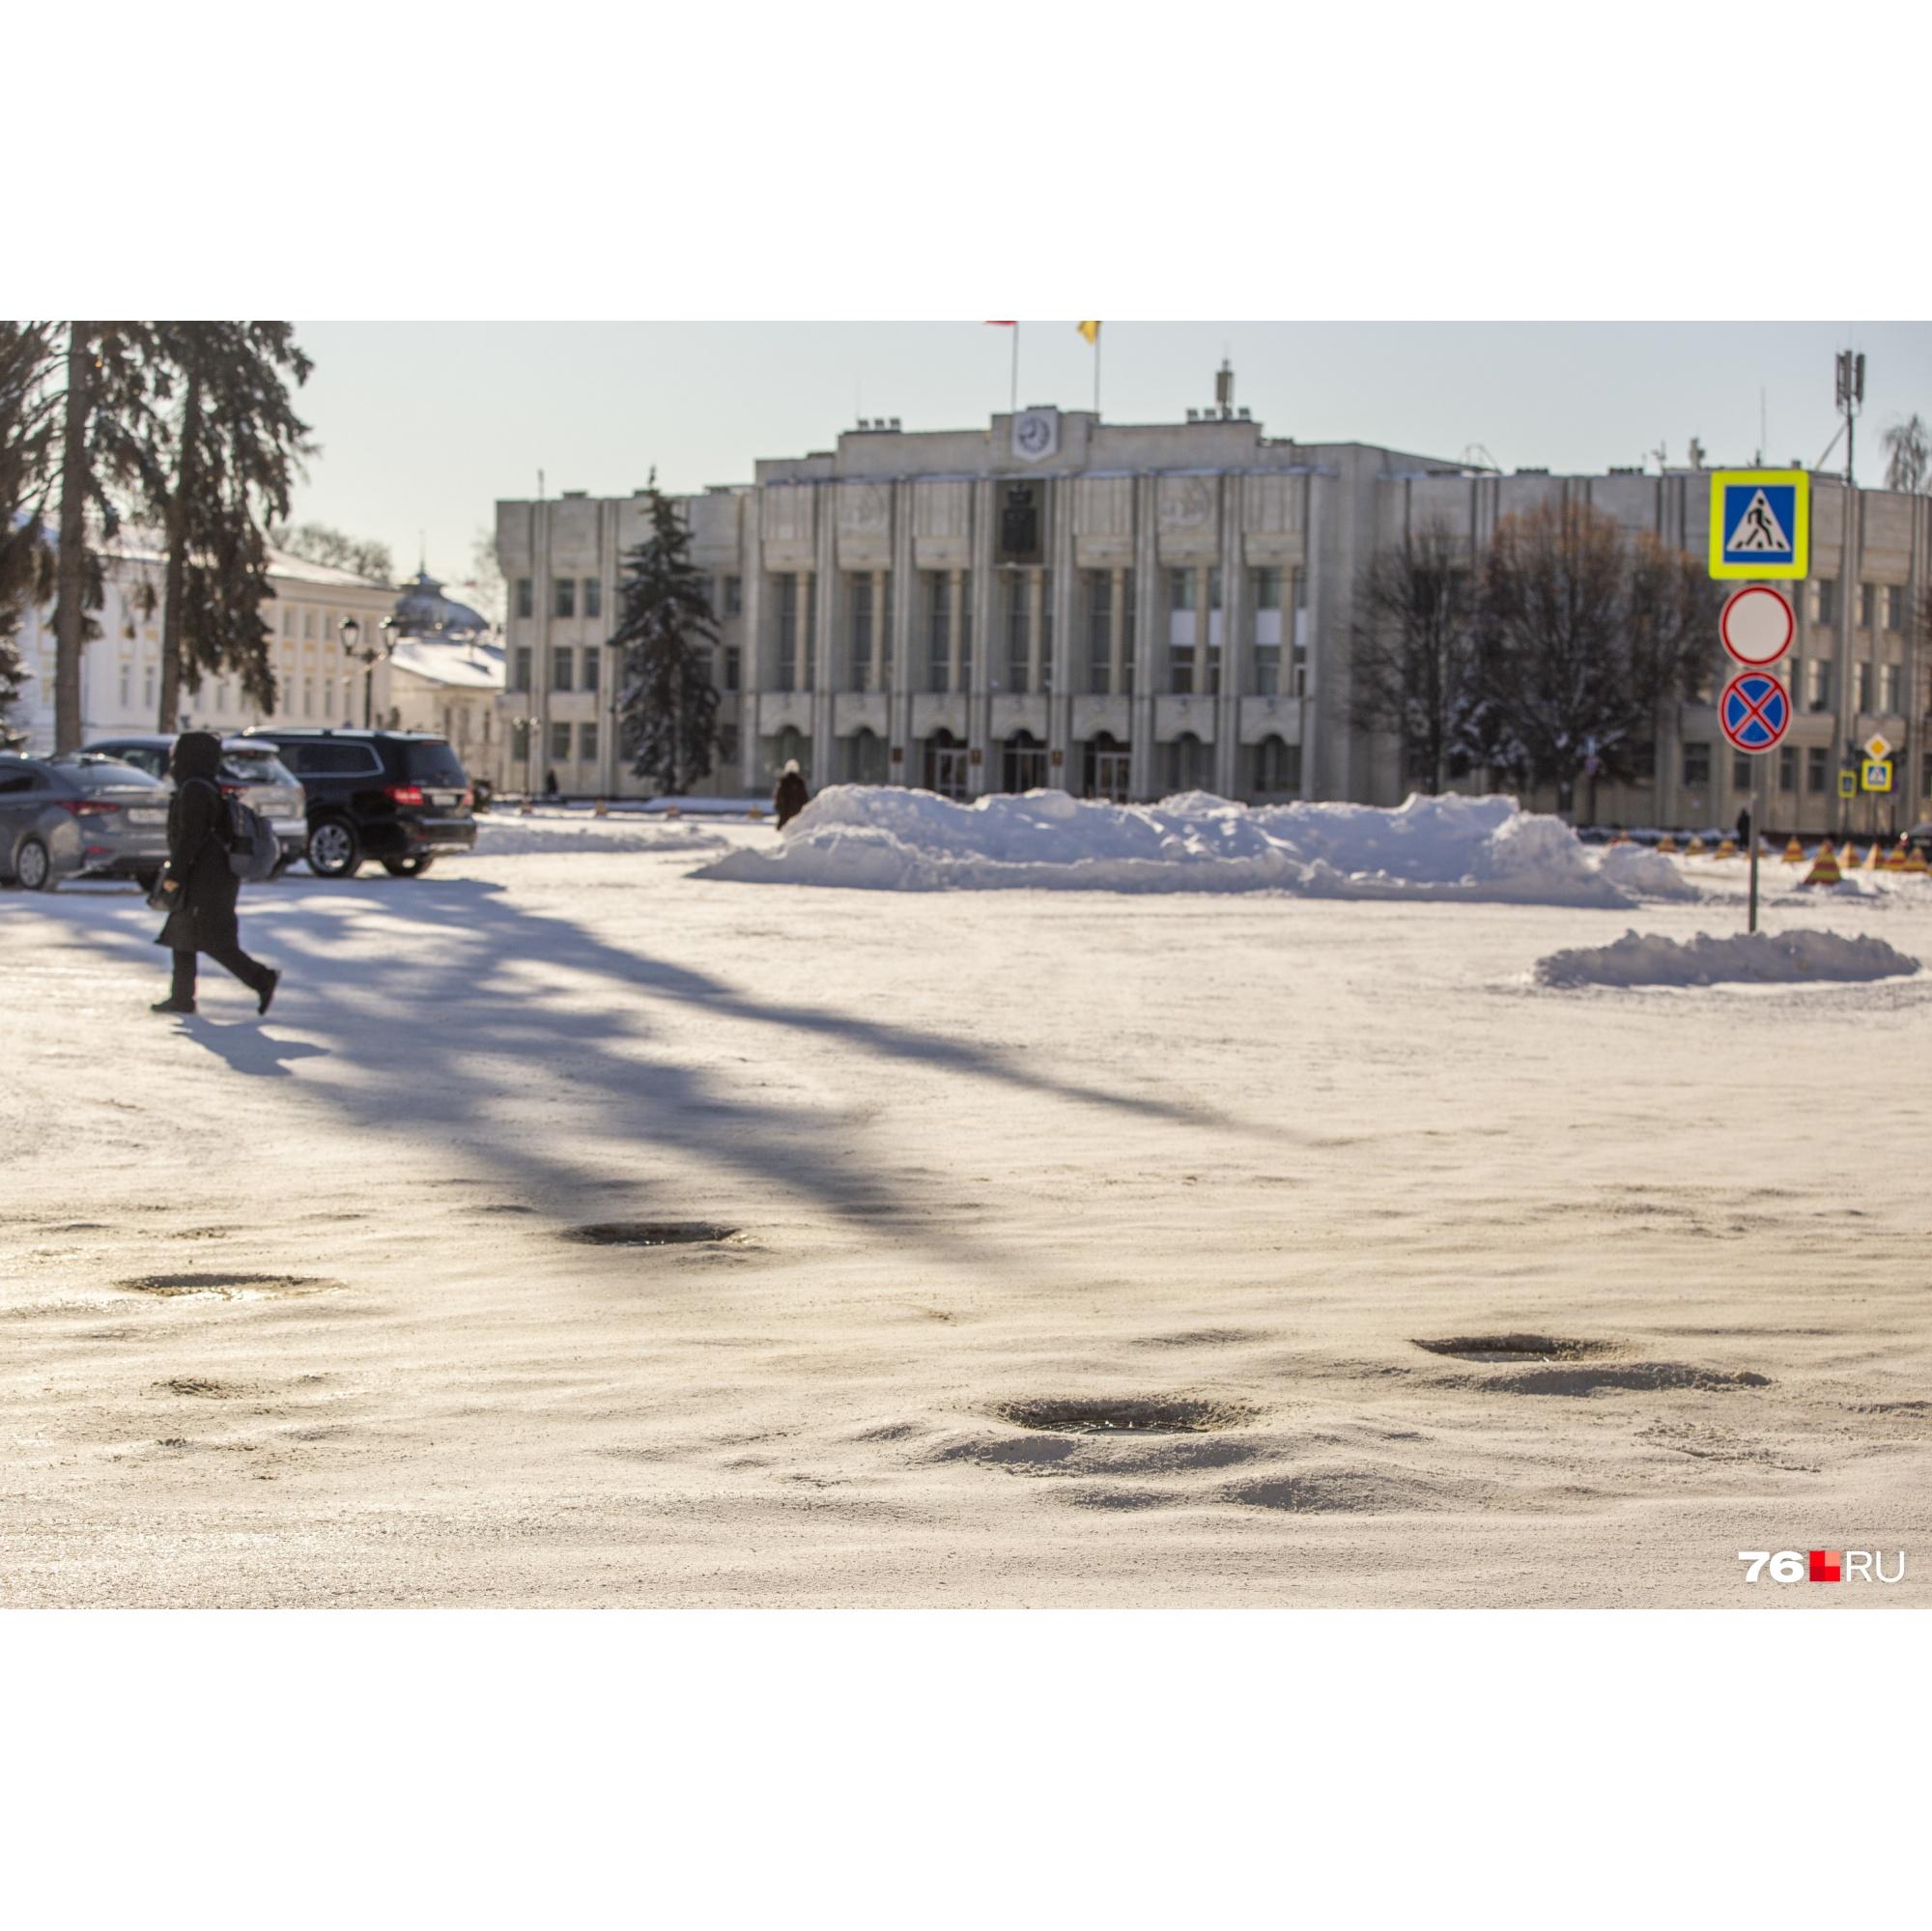 Под окнами у губернатора коммунальщики сгребли кучу снега с Советской площади